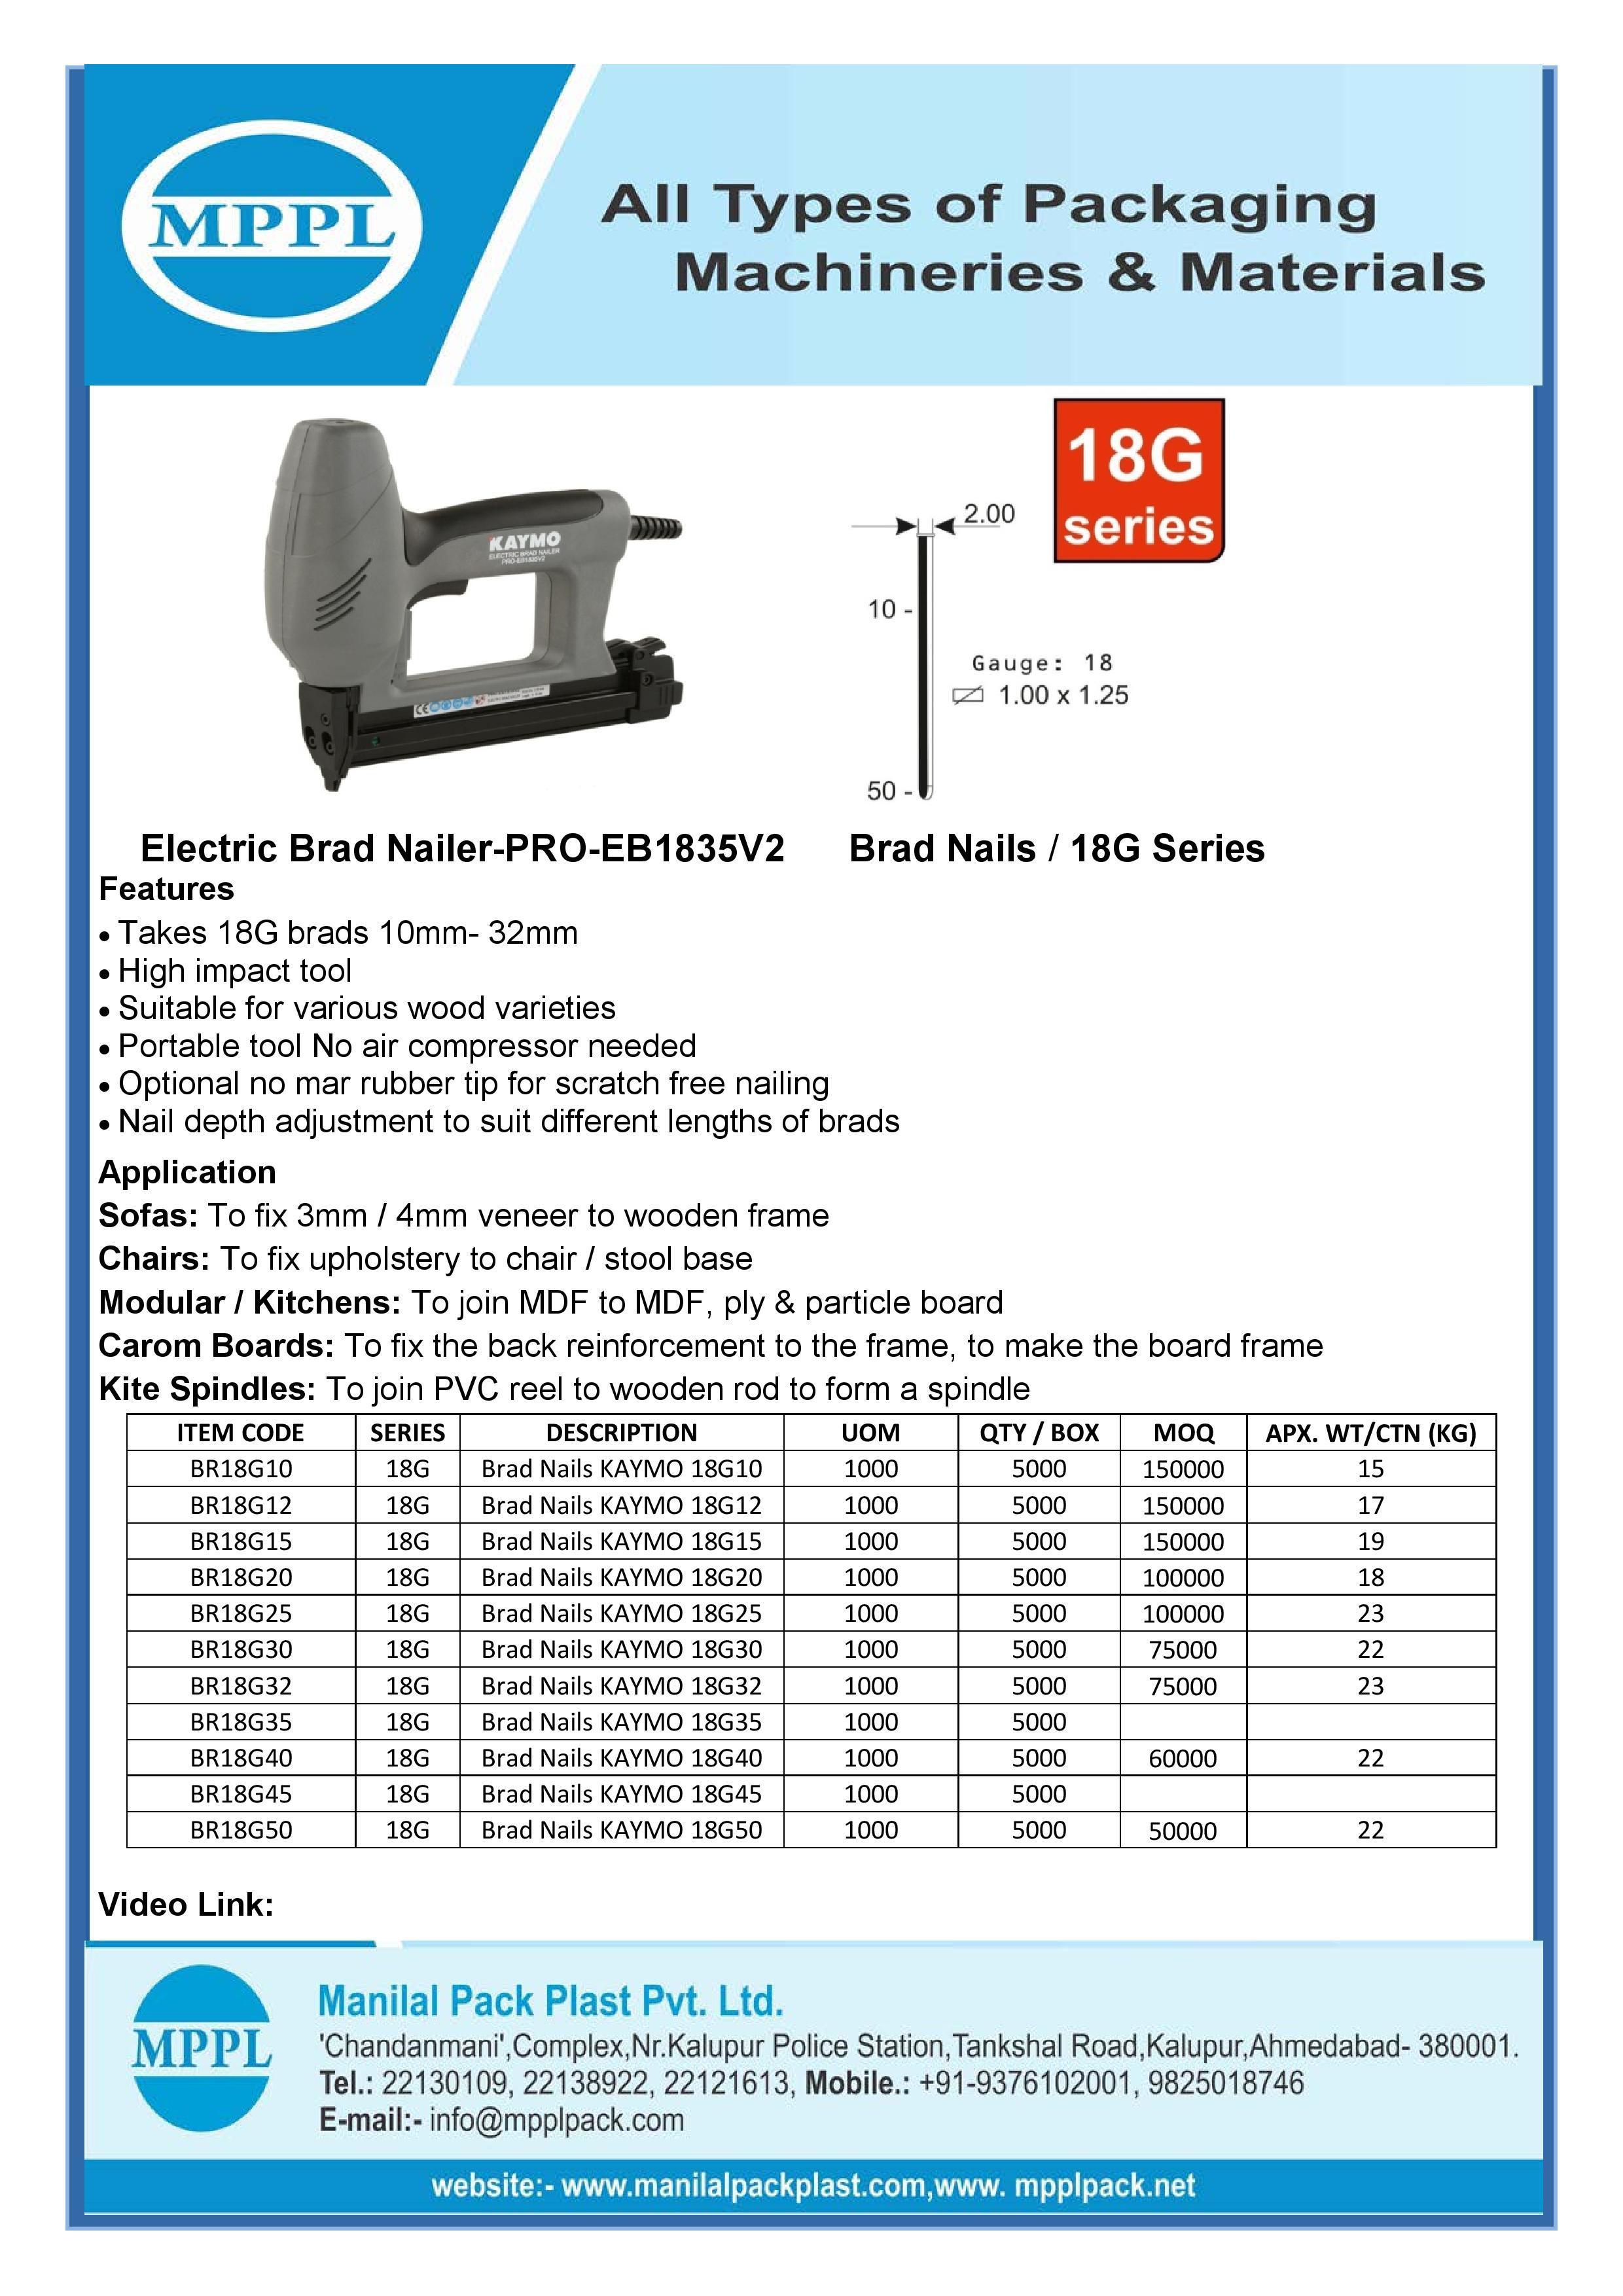 Electric Brad Nailer-PRO-EB1835V2